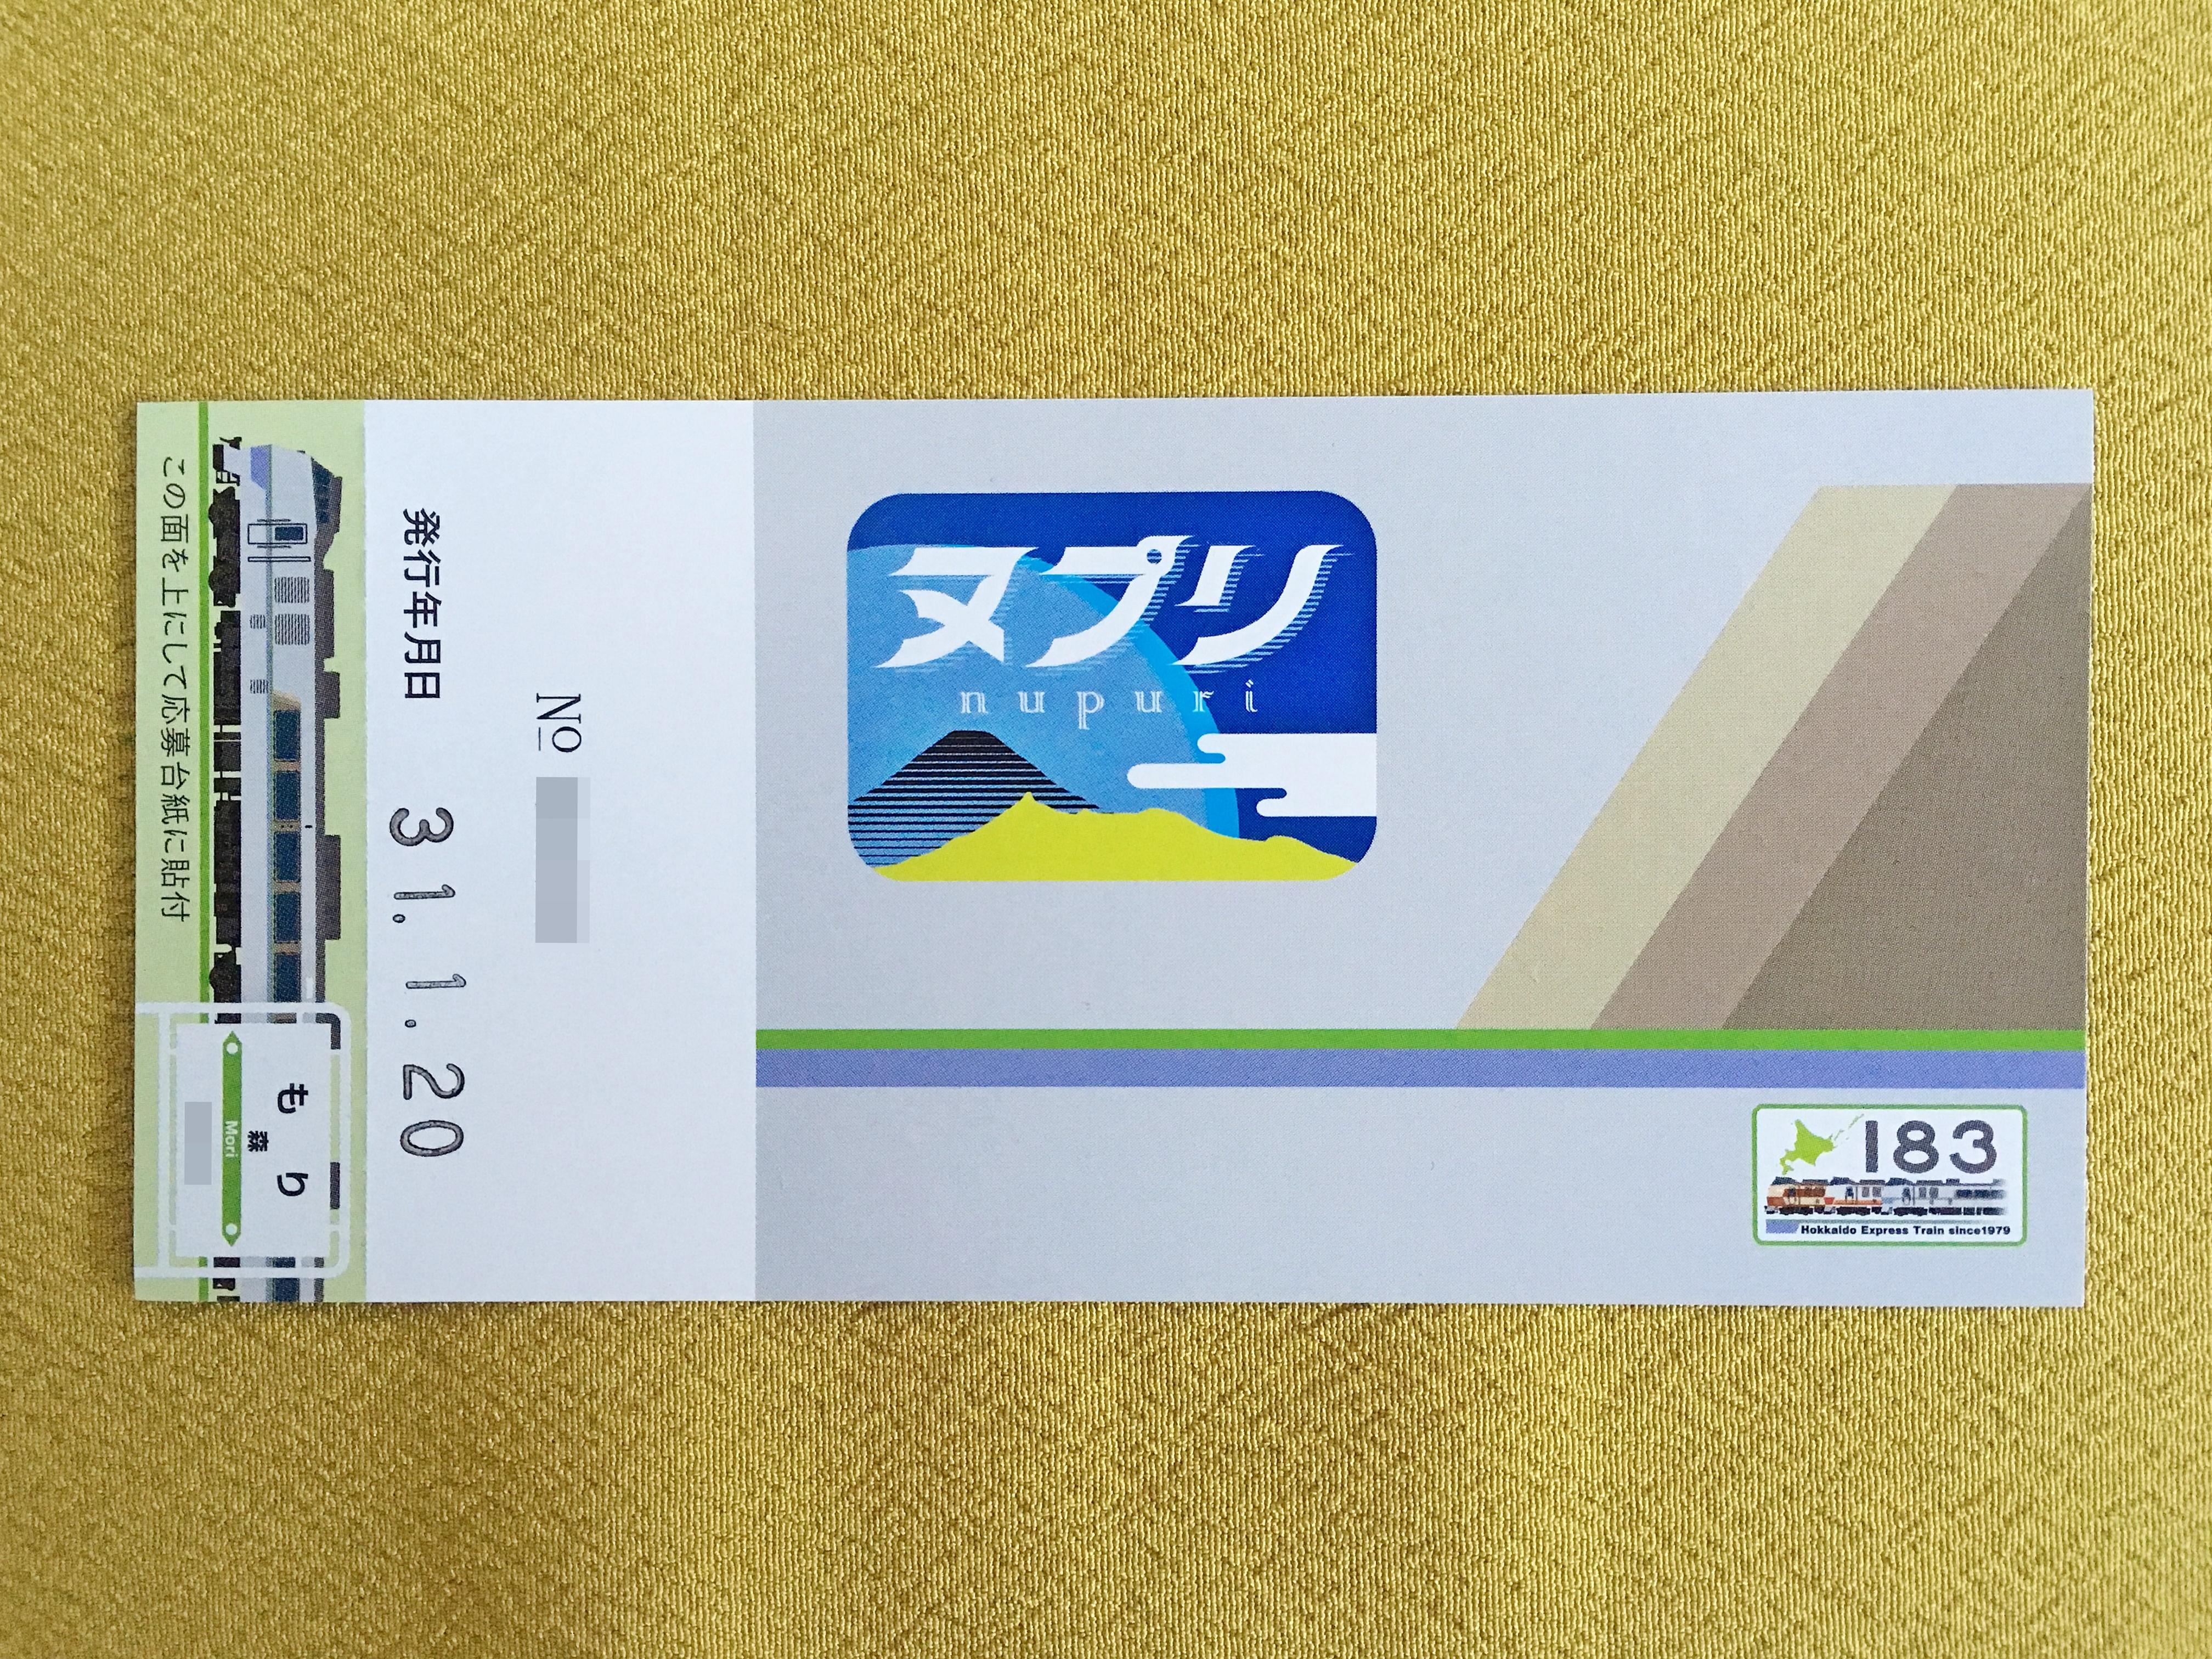 キハ183-0系記念入場券 森駅表 裏.JPG